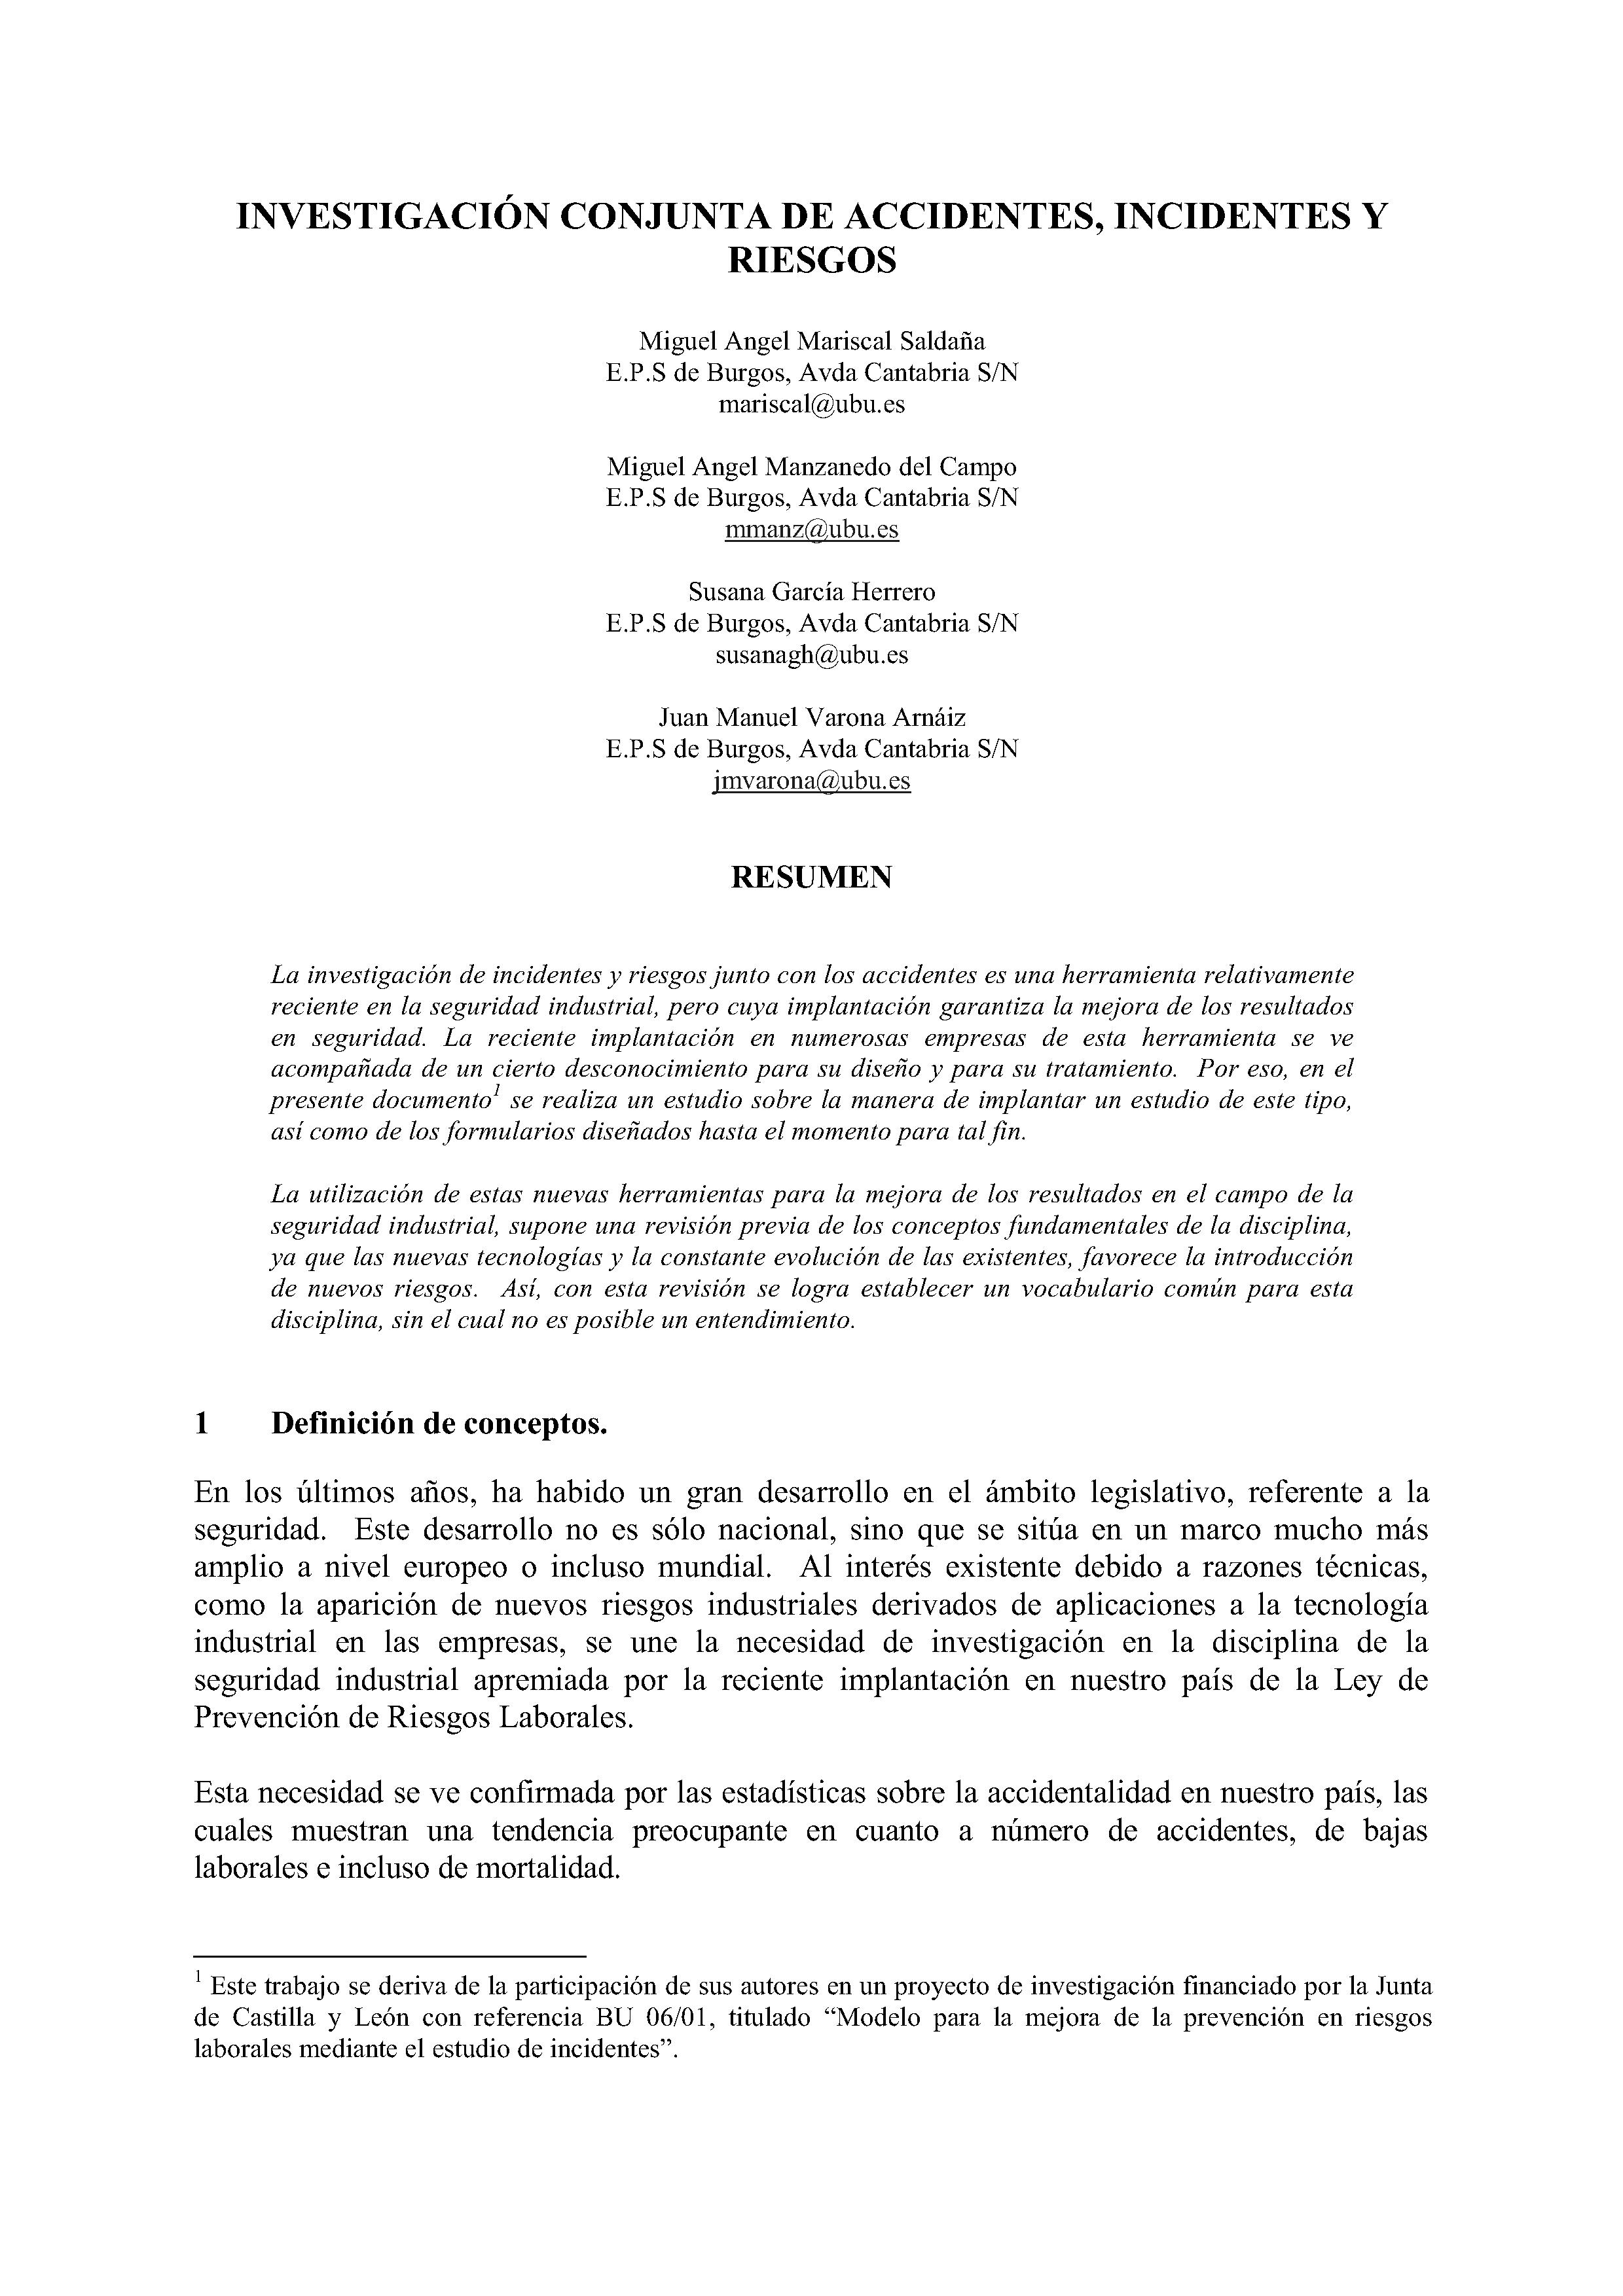 INVESTIGACIÓN CONJUNTA DE ACCIDENTES, INCIDENTES Y RIESGOS